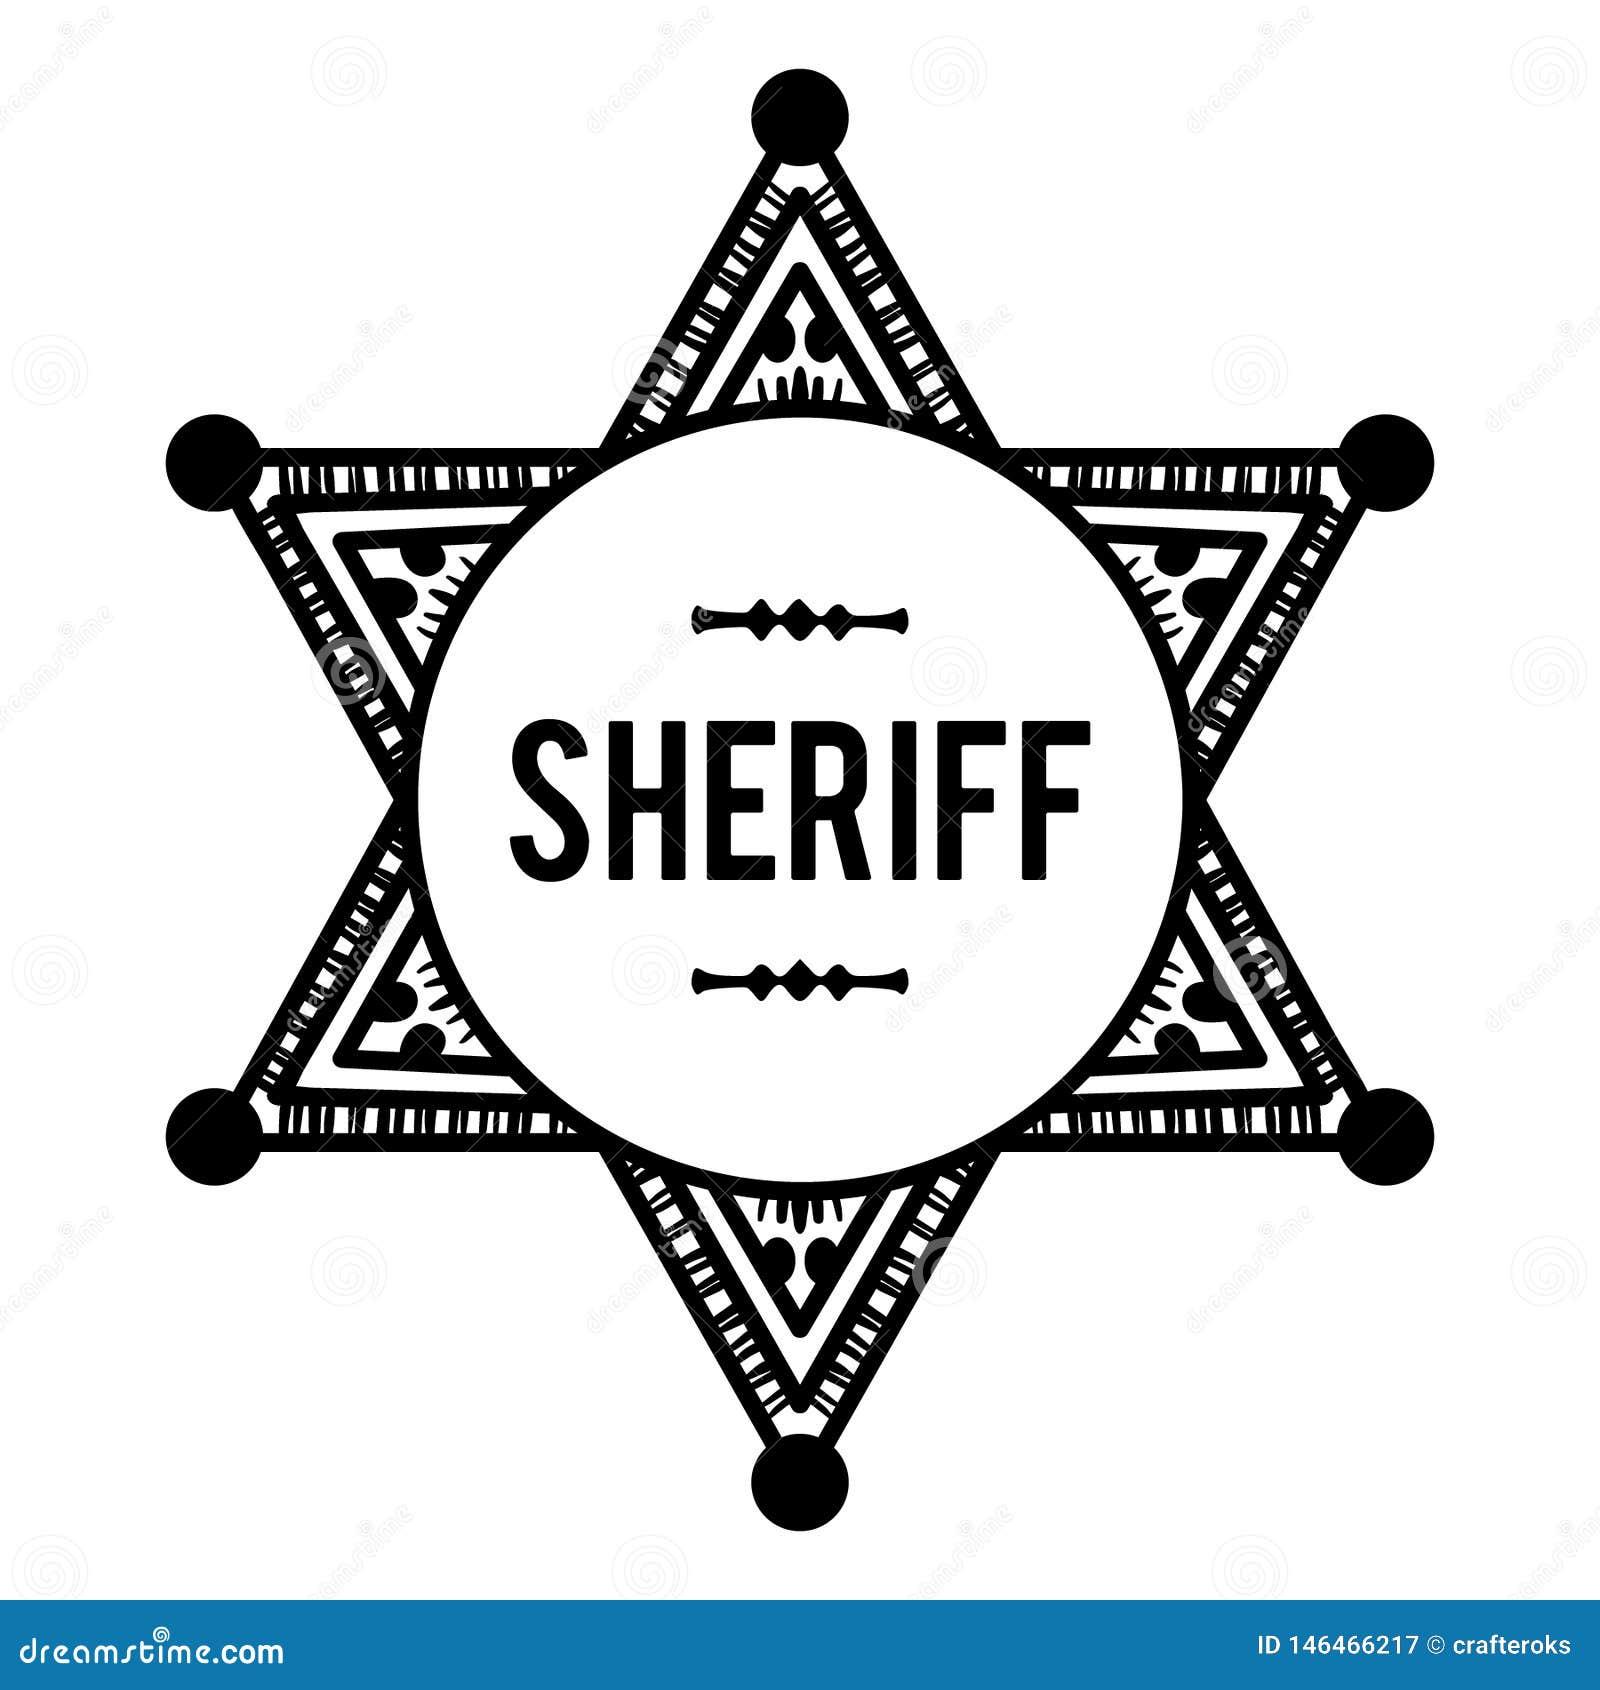 Vetor do crachá do xerife, mão tirada, vetor, Eps, logotipo, ícone, crafteroks, ilustração da silhueta para usos diferentes